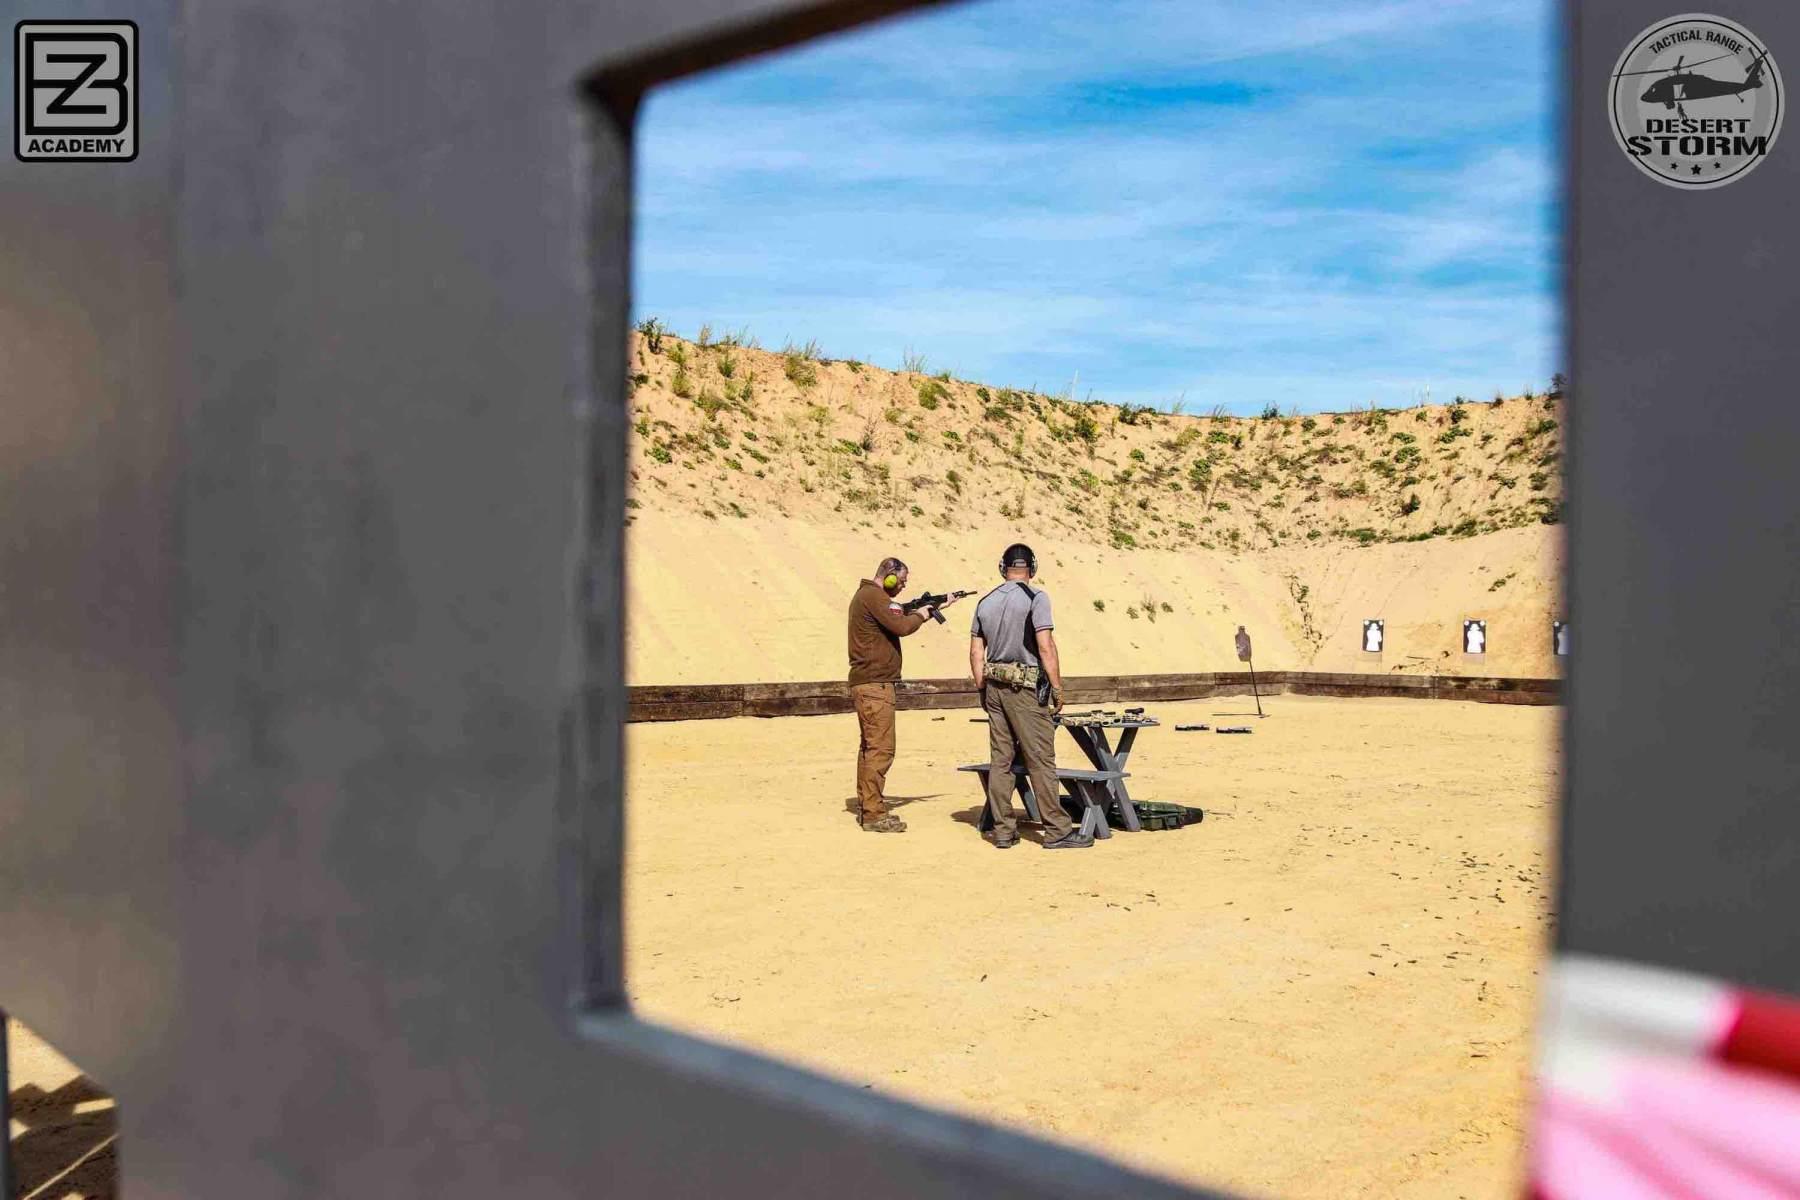 Otwarcie-Strzelnicy-Desert-Storm-w-Lubaniu-118